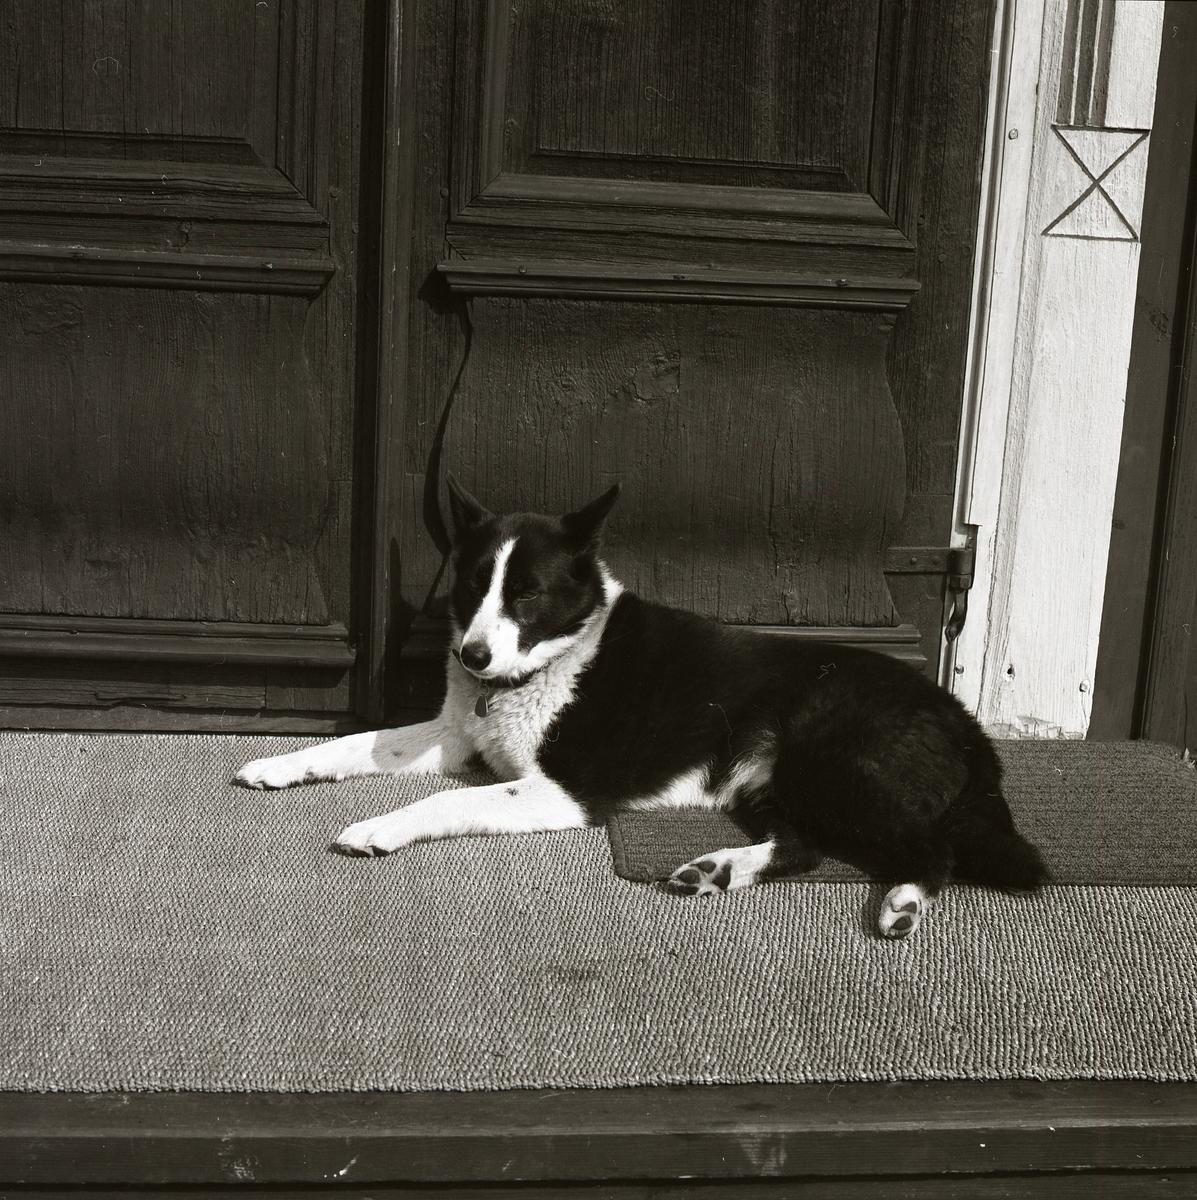 Hunden ligger på trappens matta och vilar sig. Solen värmer dess vita och svarta päls. Runt halsen bär hunden ett halsband med namnbricka som dinglar under nosen. Bakom trappen skymtar delar av en dörr i allmogestil fram och avslöjar bildens ursprung.